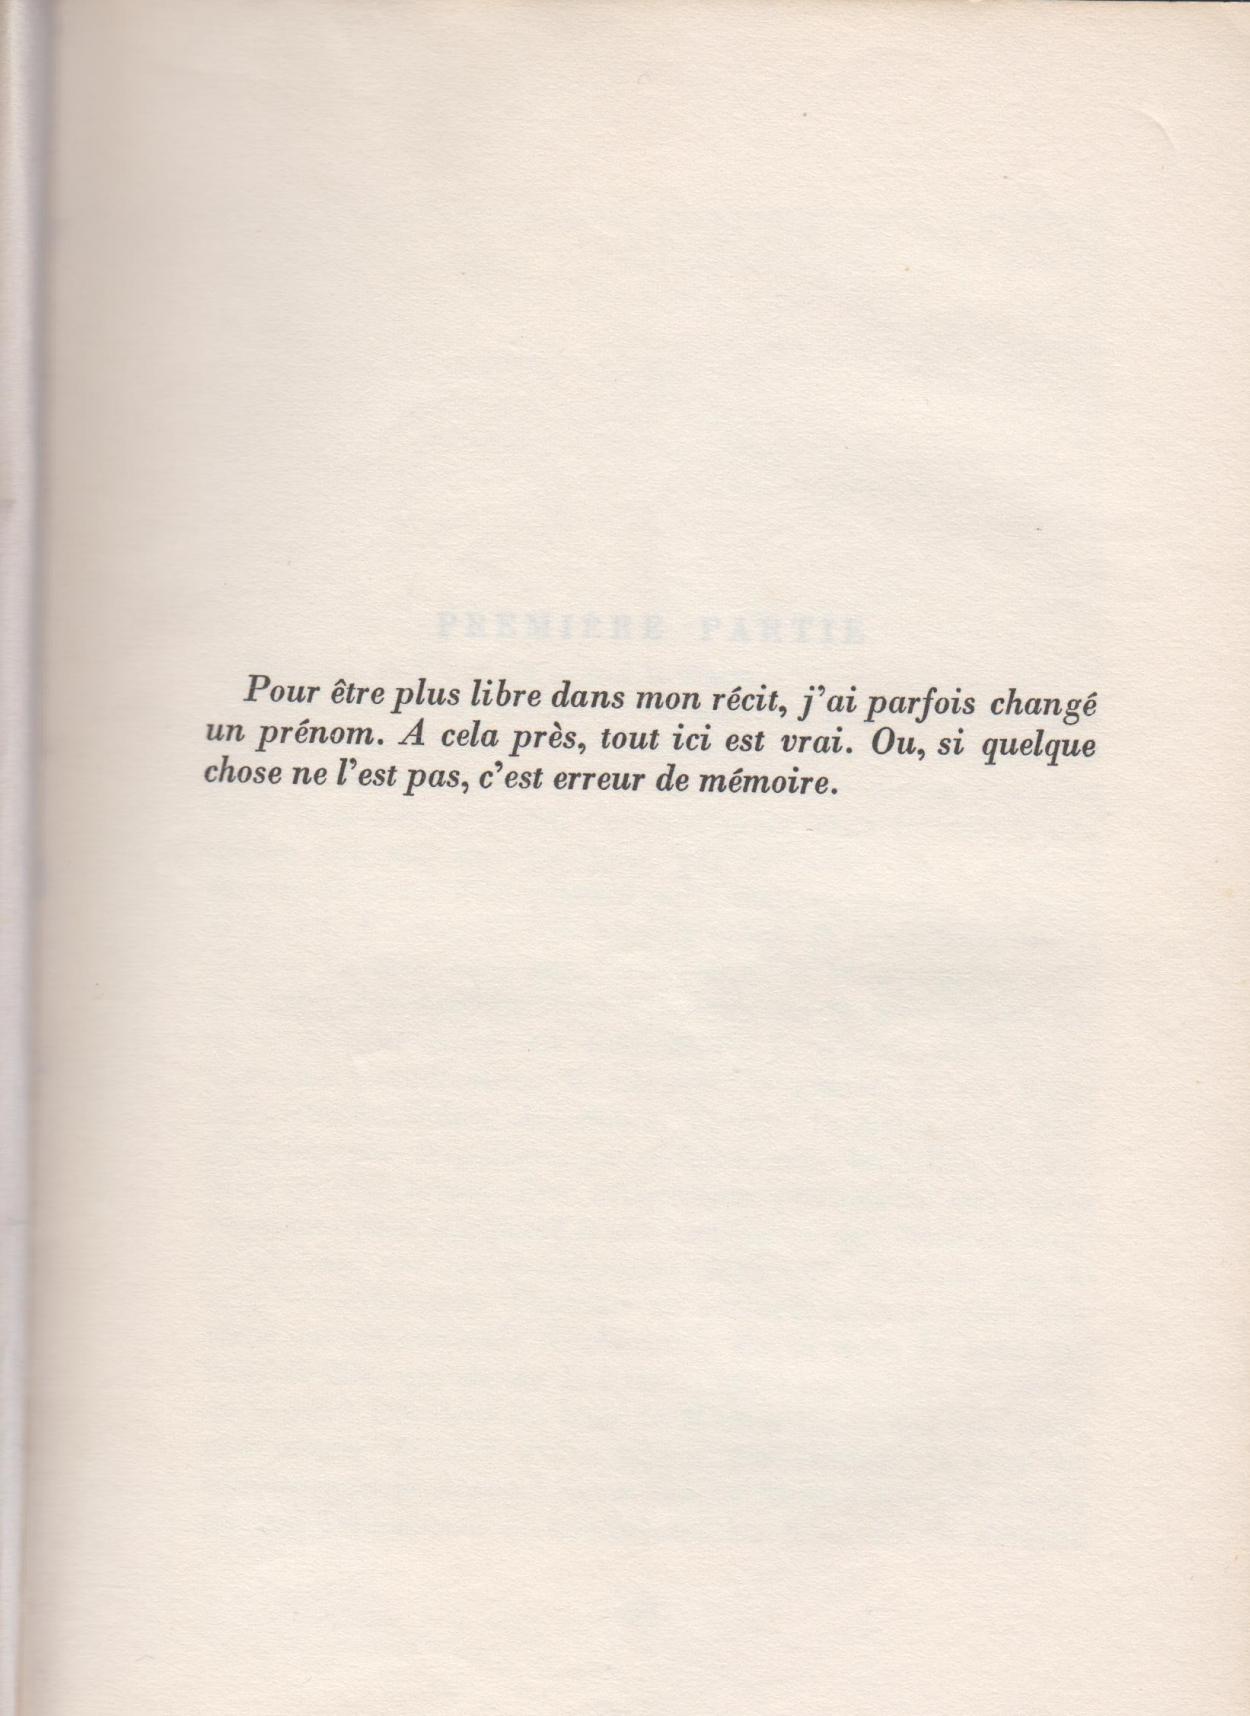 bab131_marceau_les-annAes-courtes_avant-propos